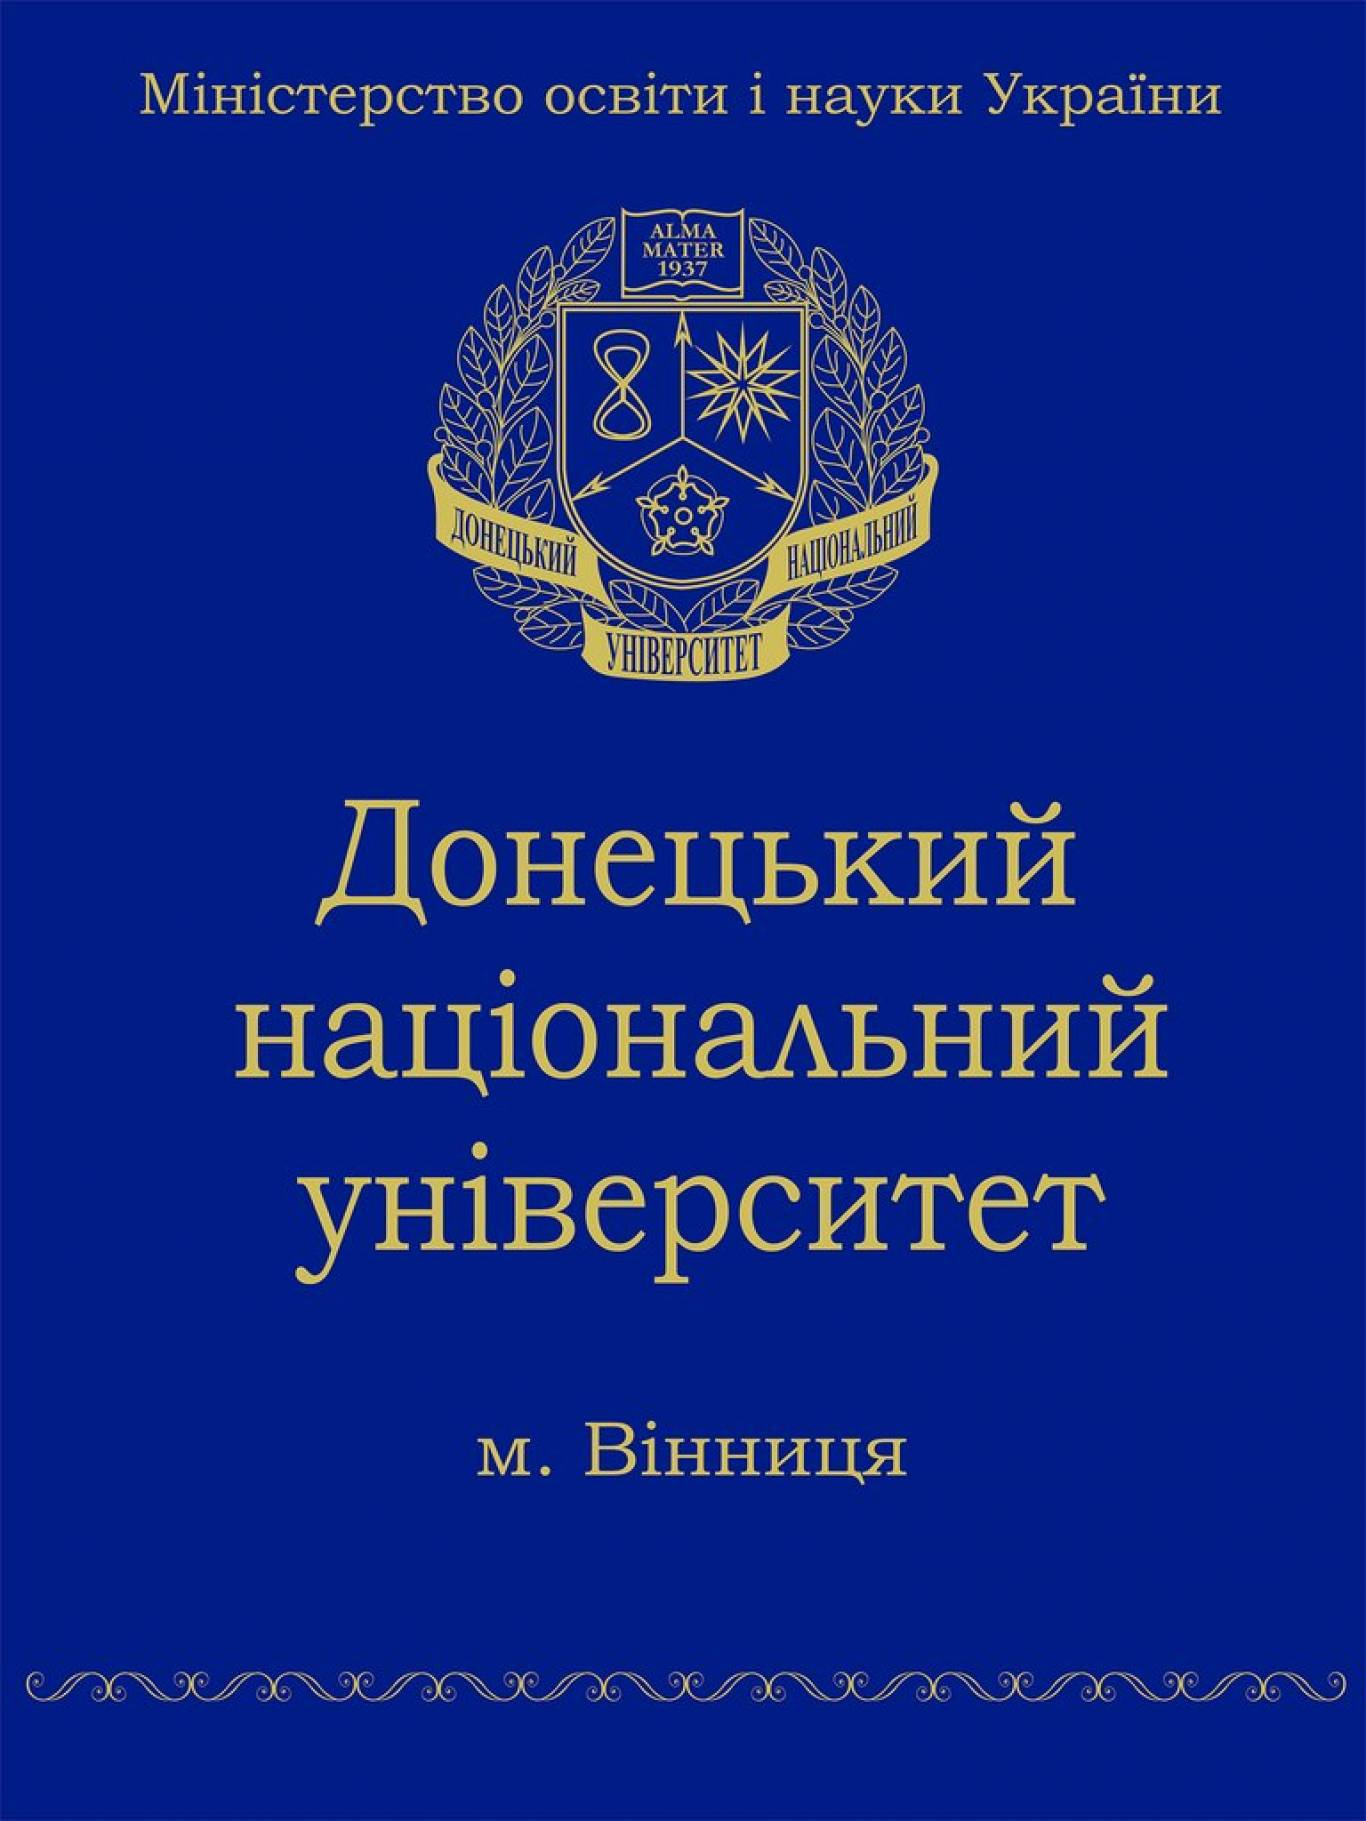 День відкритих дверей у ДонНУ у м.Вінниця